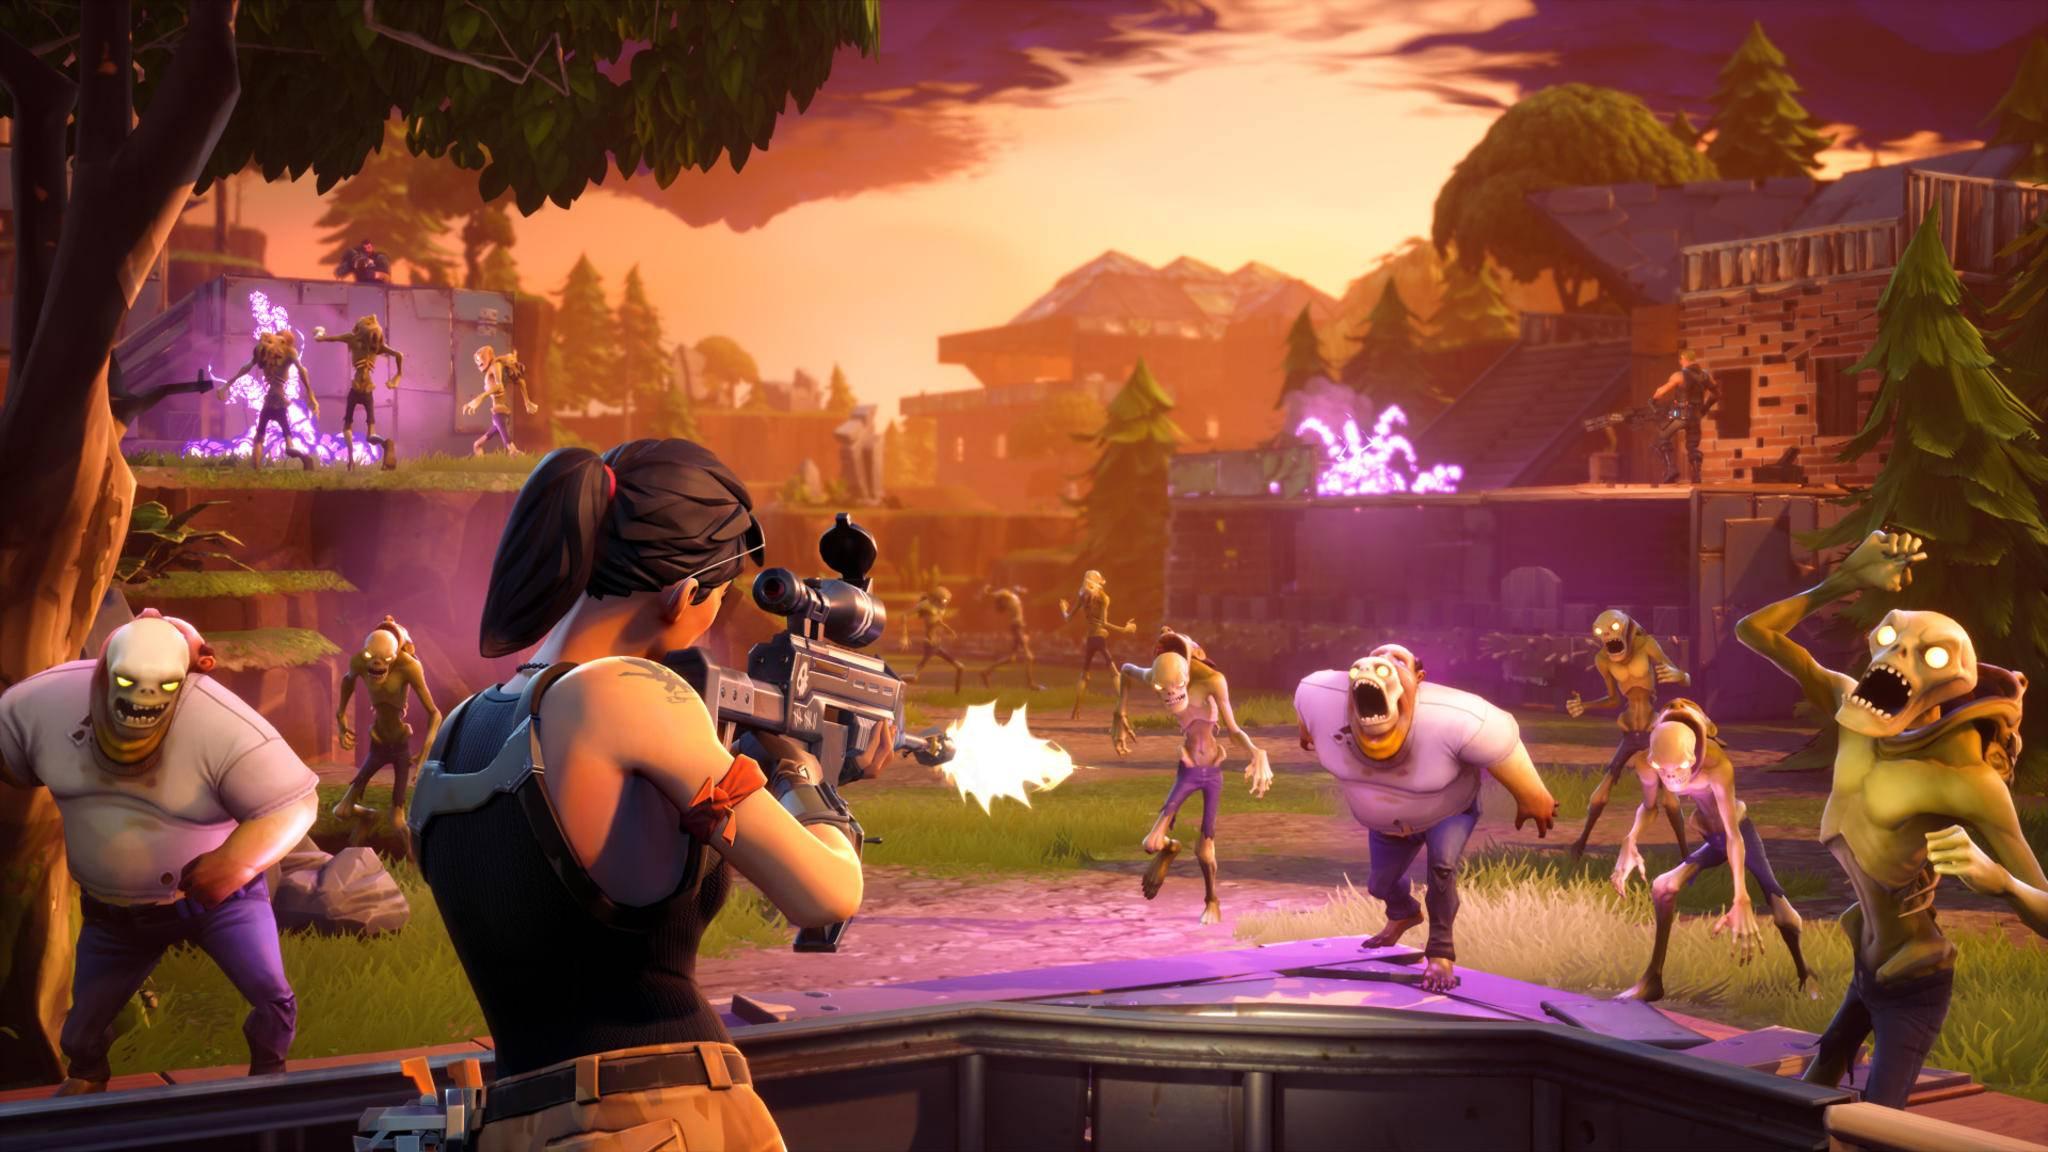 """In """"Fortnite: Rette die Welt"""" kämpfen die Spieler zusammen gegen Zombies, in """"Battle Royale"""" messen sie sich im Wettbewerb gegeneinander."""